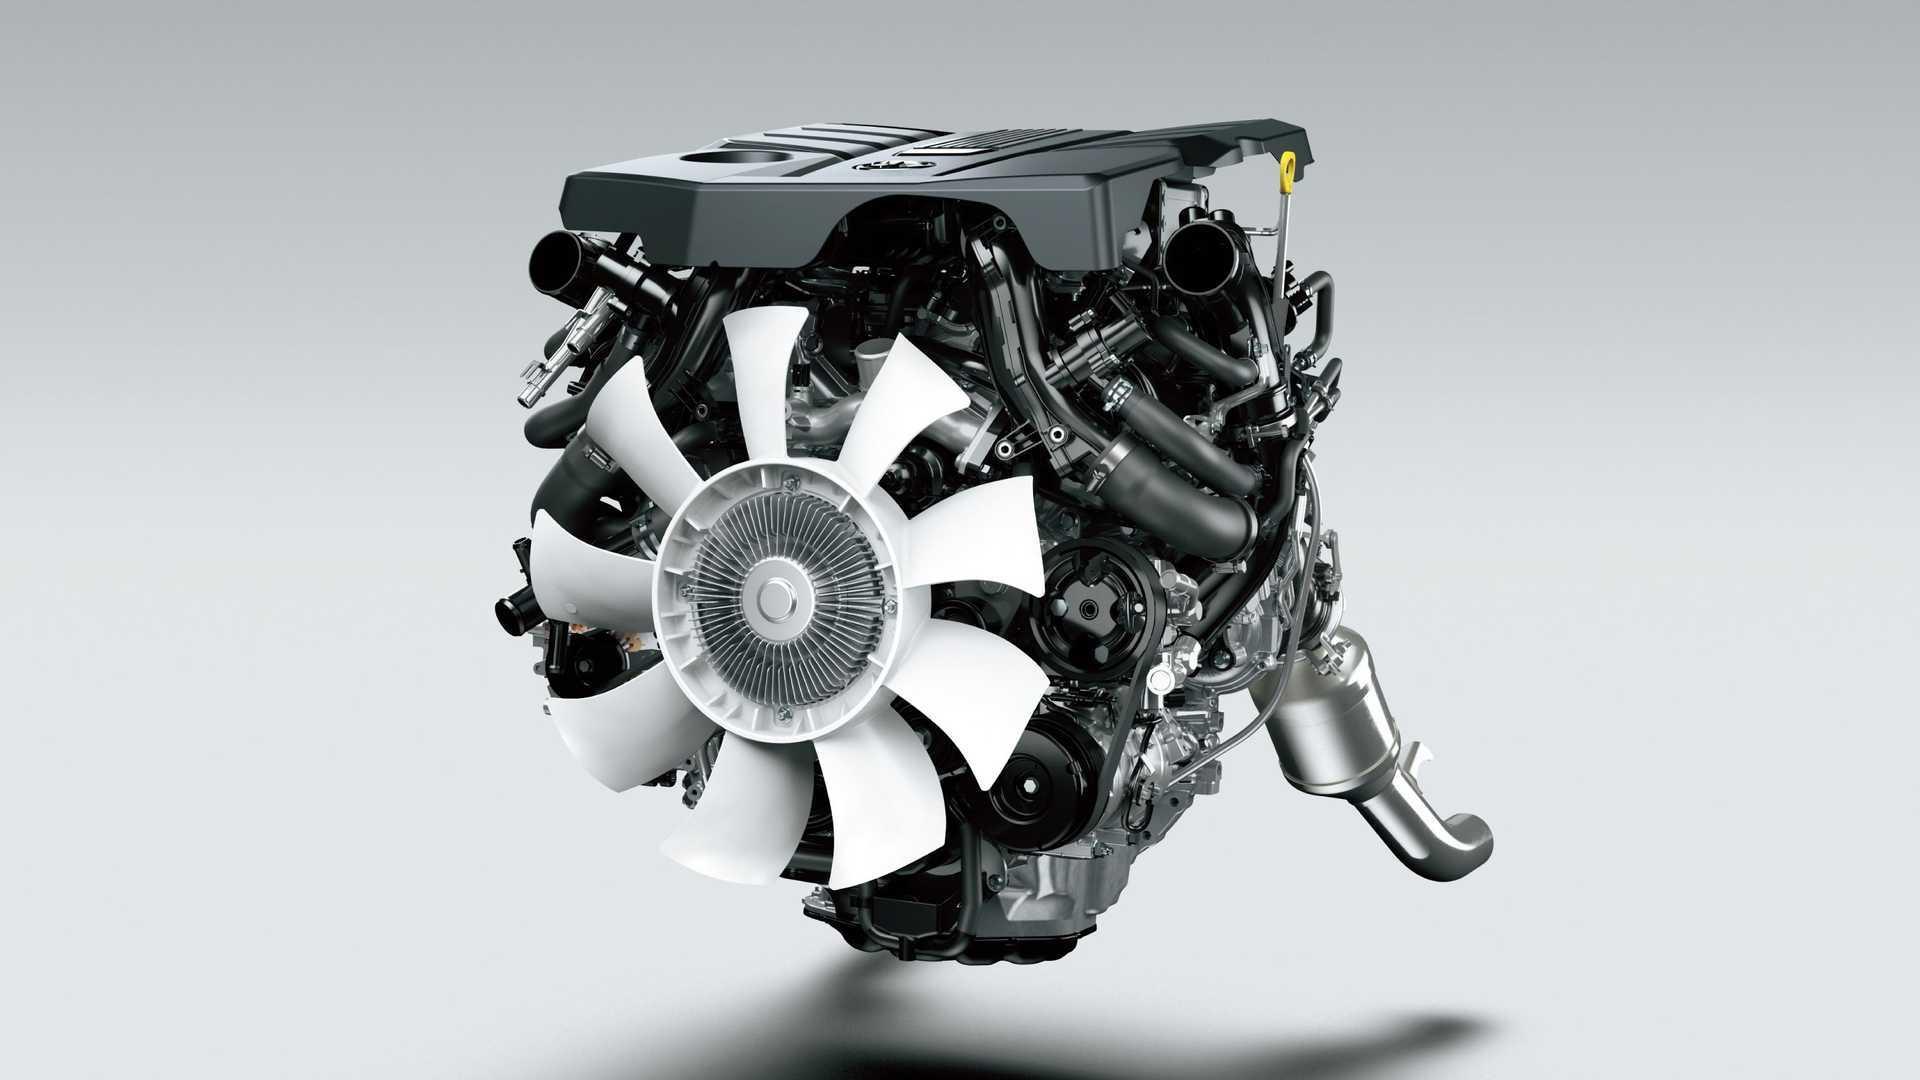 豐田全新陸地巡洋艦正式亮相,配3.5T V6引擎+10AT變速箱,內飾大變樣更豪華